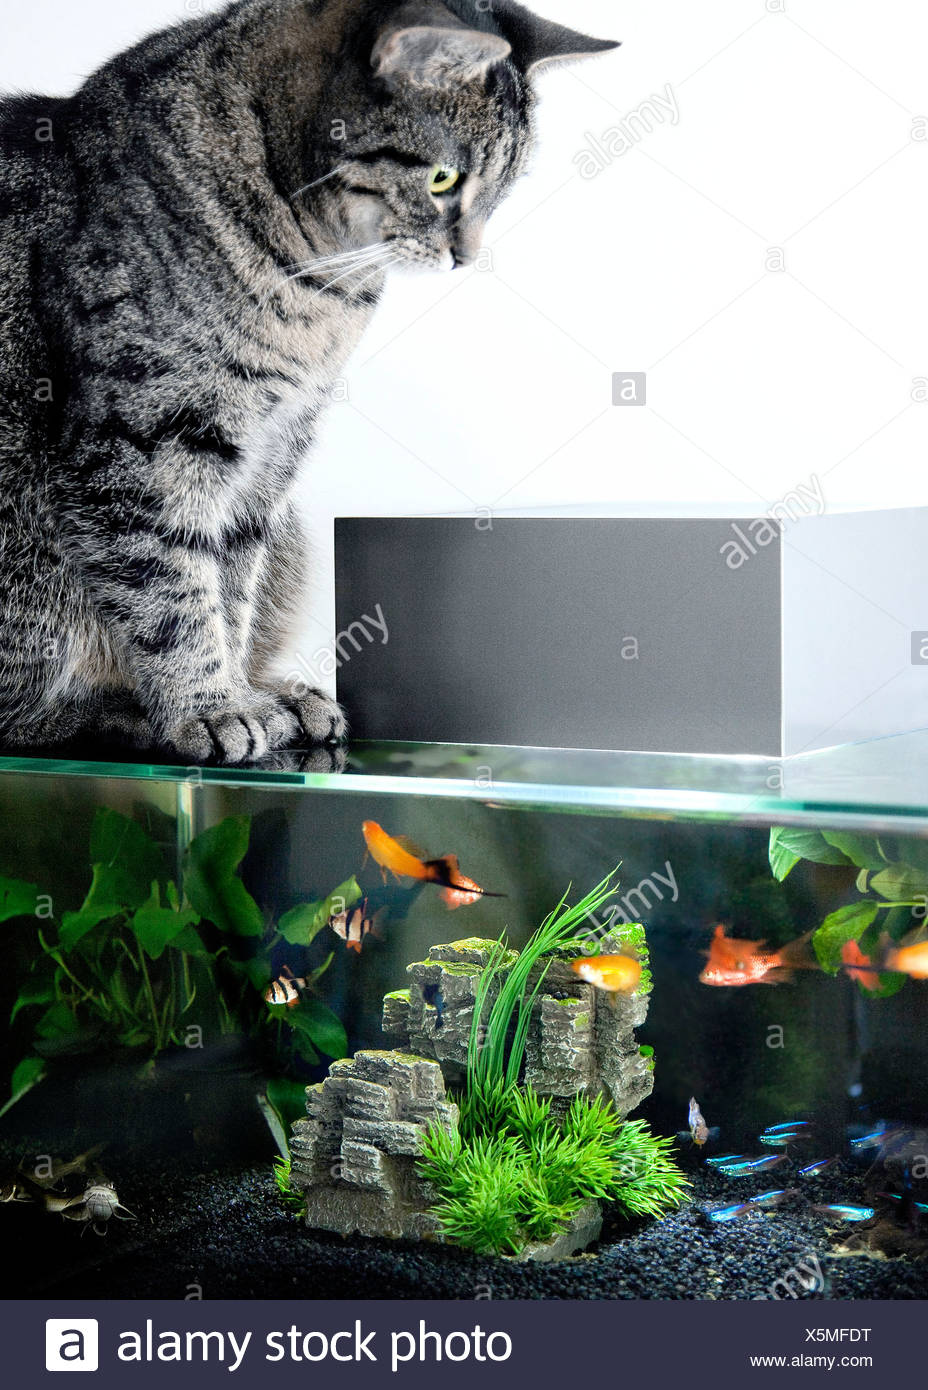 Cat sitting on aquarium - Stock Image